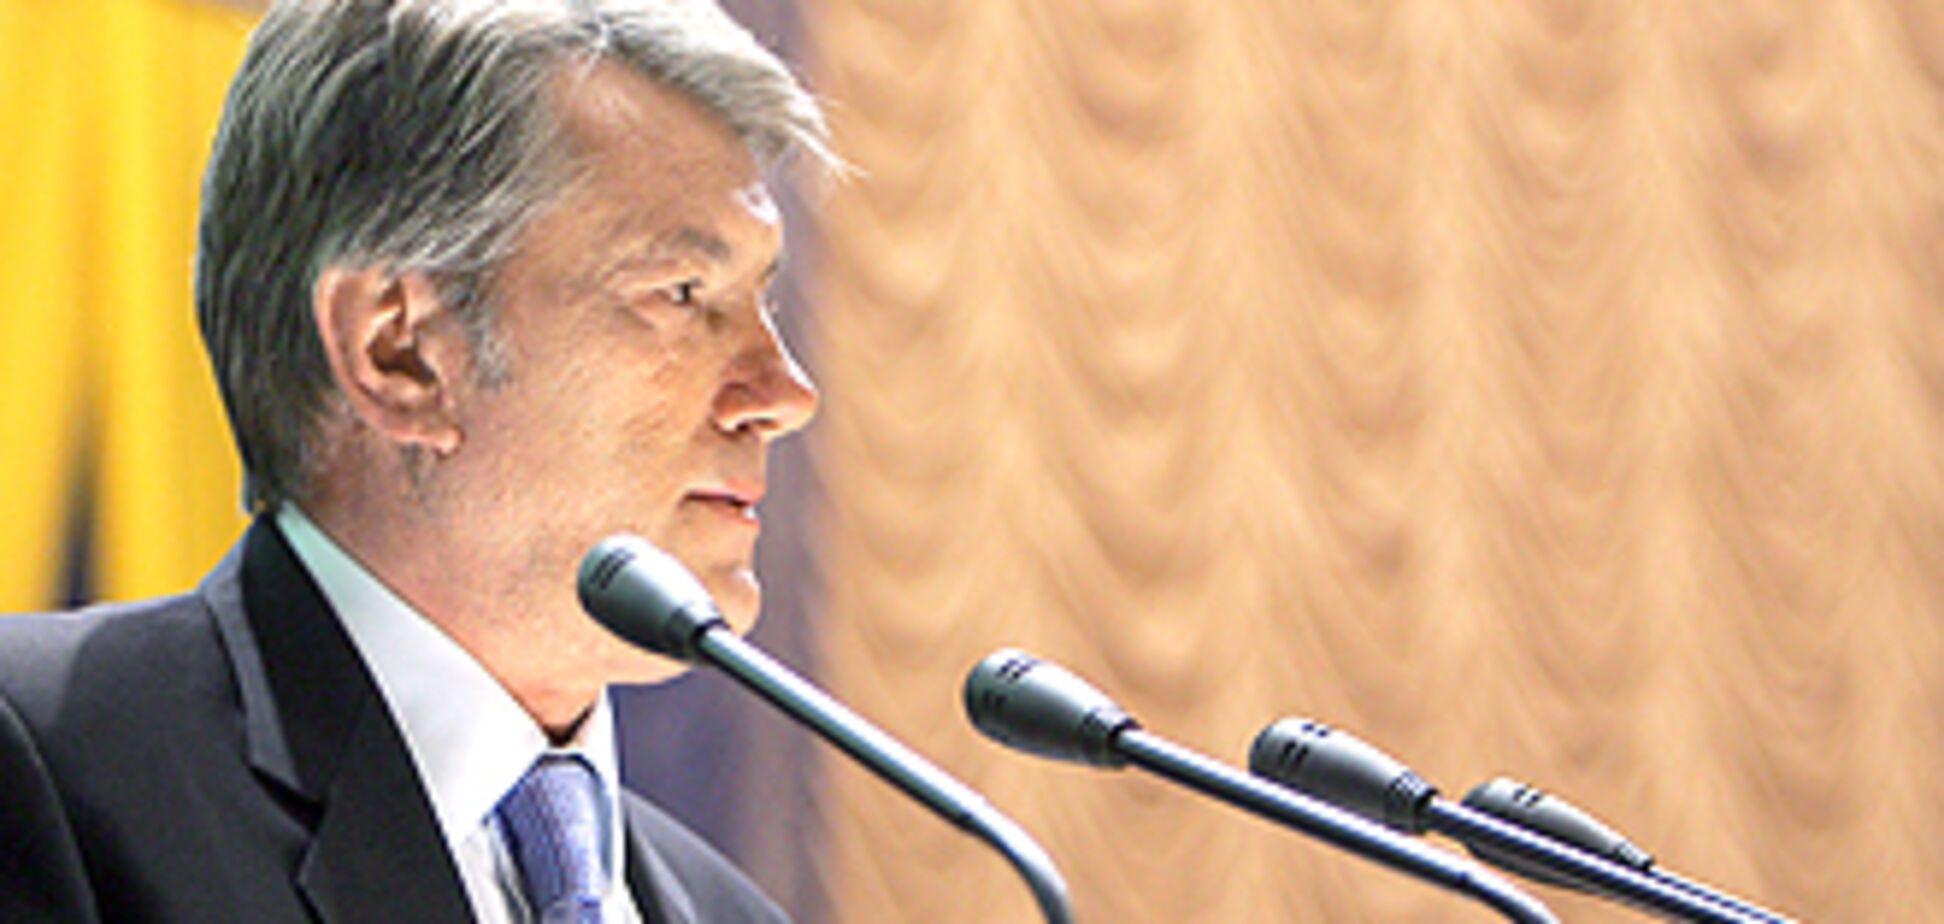 Призначення винних в отруєнні Ющенко не буде